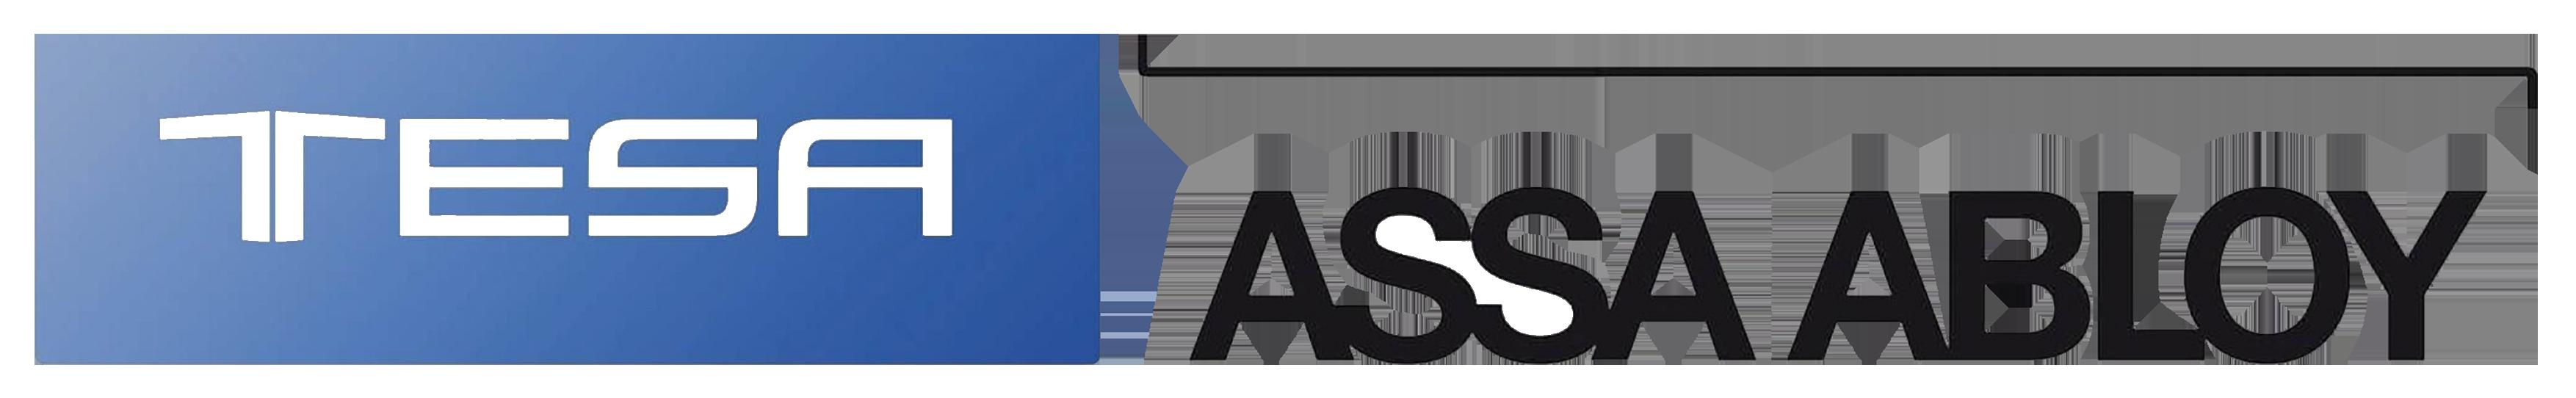 12. TESA ASSA ABLOY